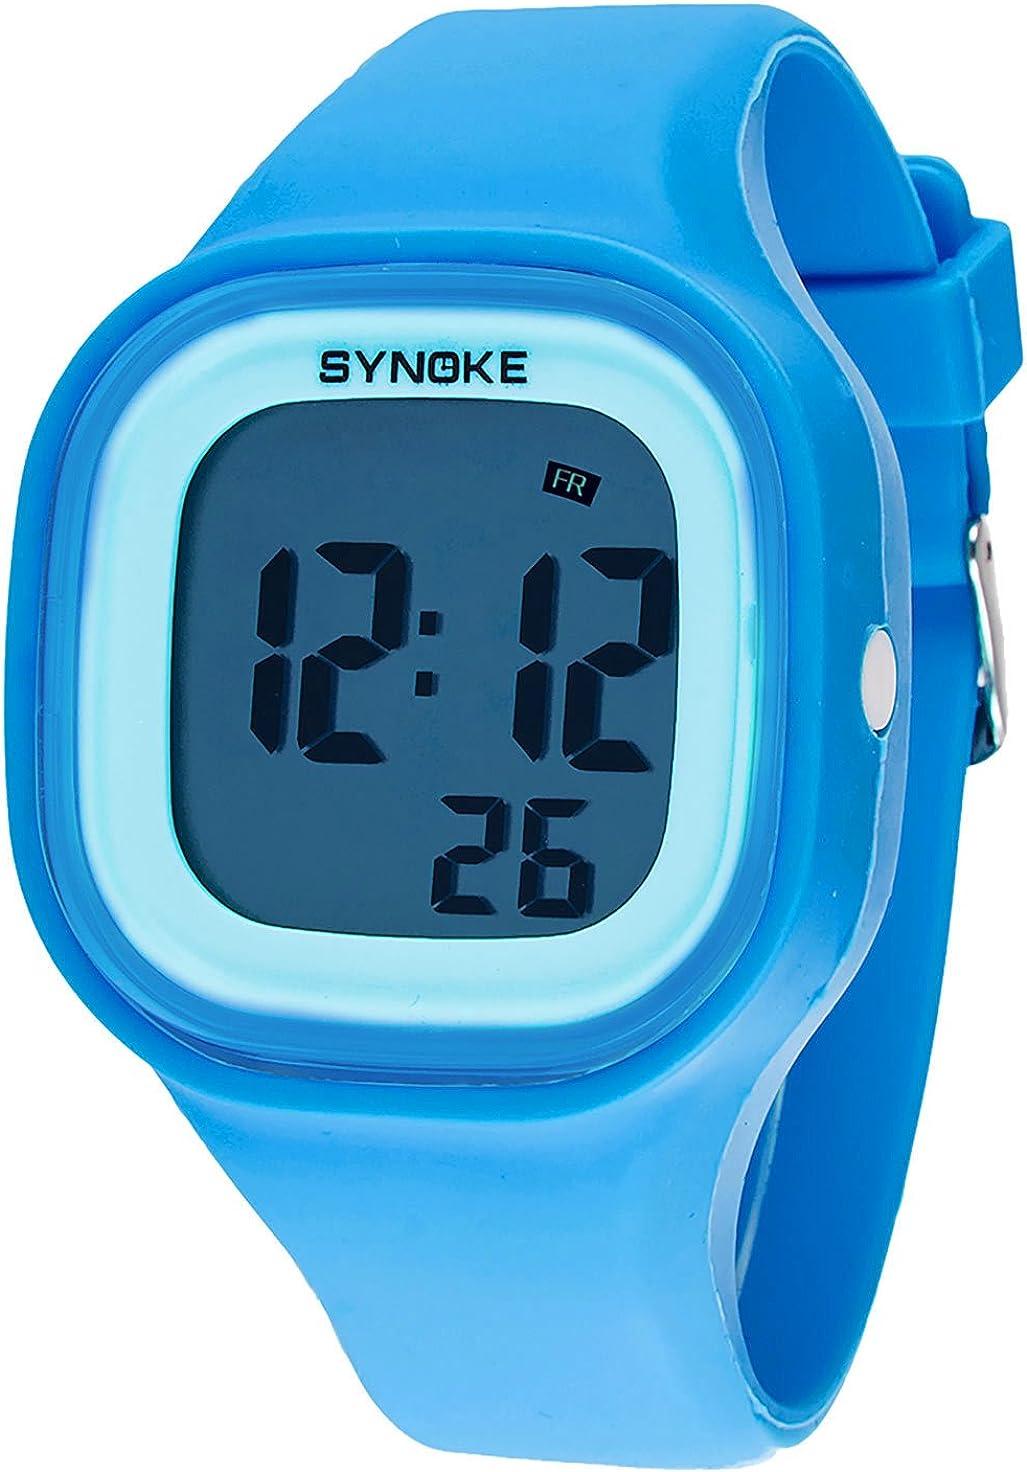 SYNOKE - Reloj Candy digital unisex, estilo deportivo, correa de silicona, sumergible a 50 m, esfera cuadrada extraíble, multifunción, retroiluminado, cronómetro, alarma, varios colores